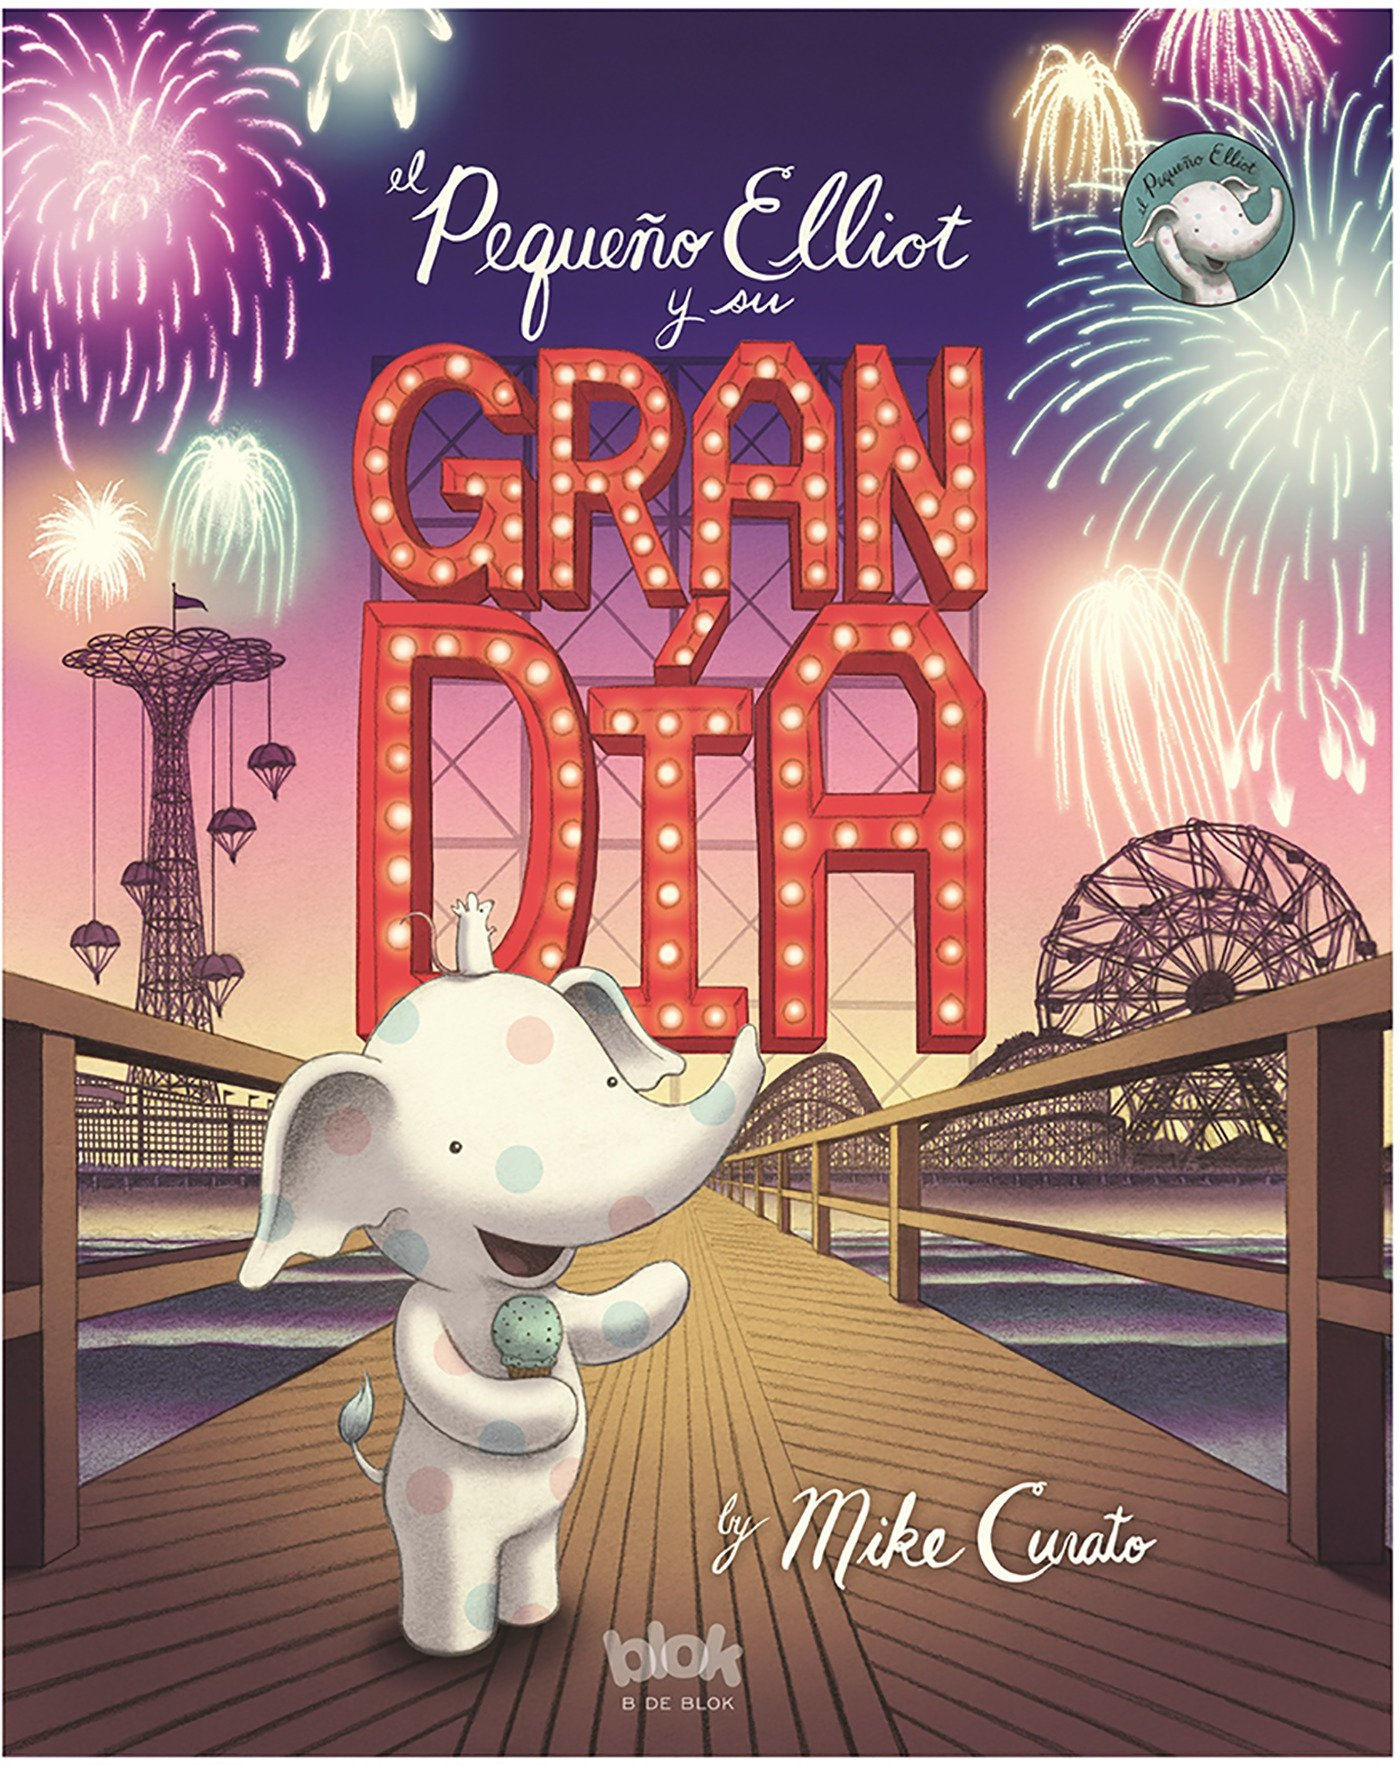 El pequeno Elliot y su gran dia (Spanish Edition) by Ingramcontent